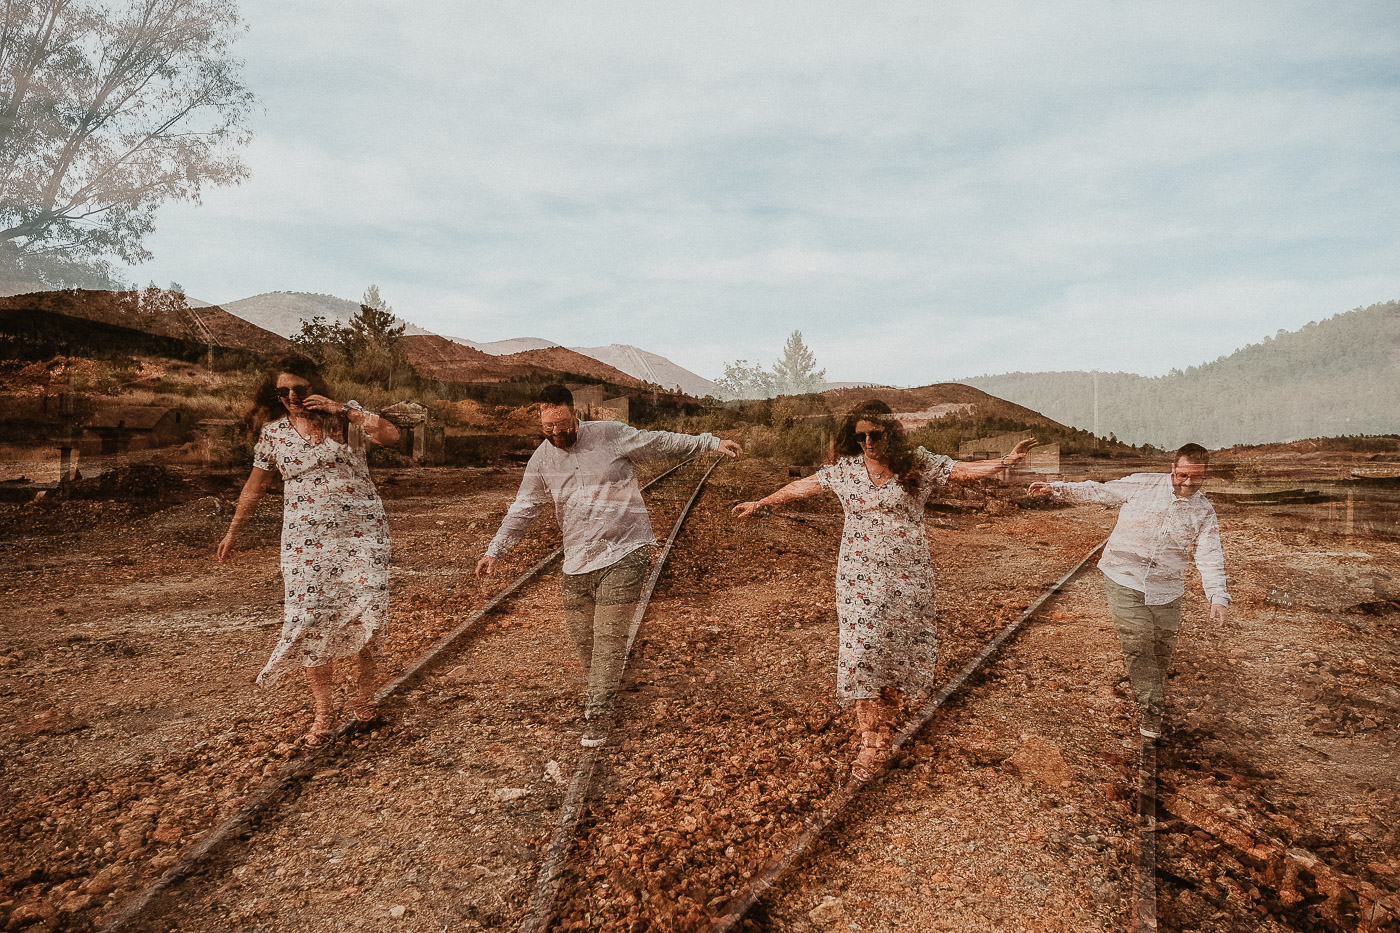 preboda-minas-riotinto-fotografo-bodas-manuel-fijo